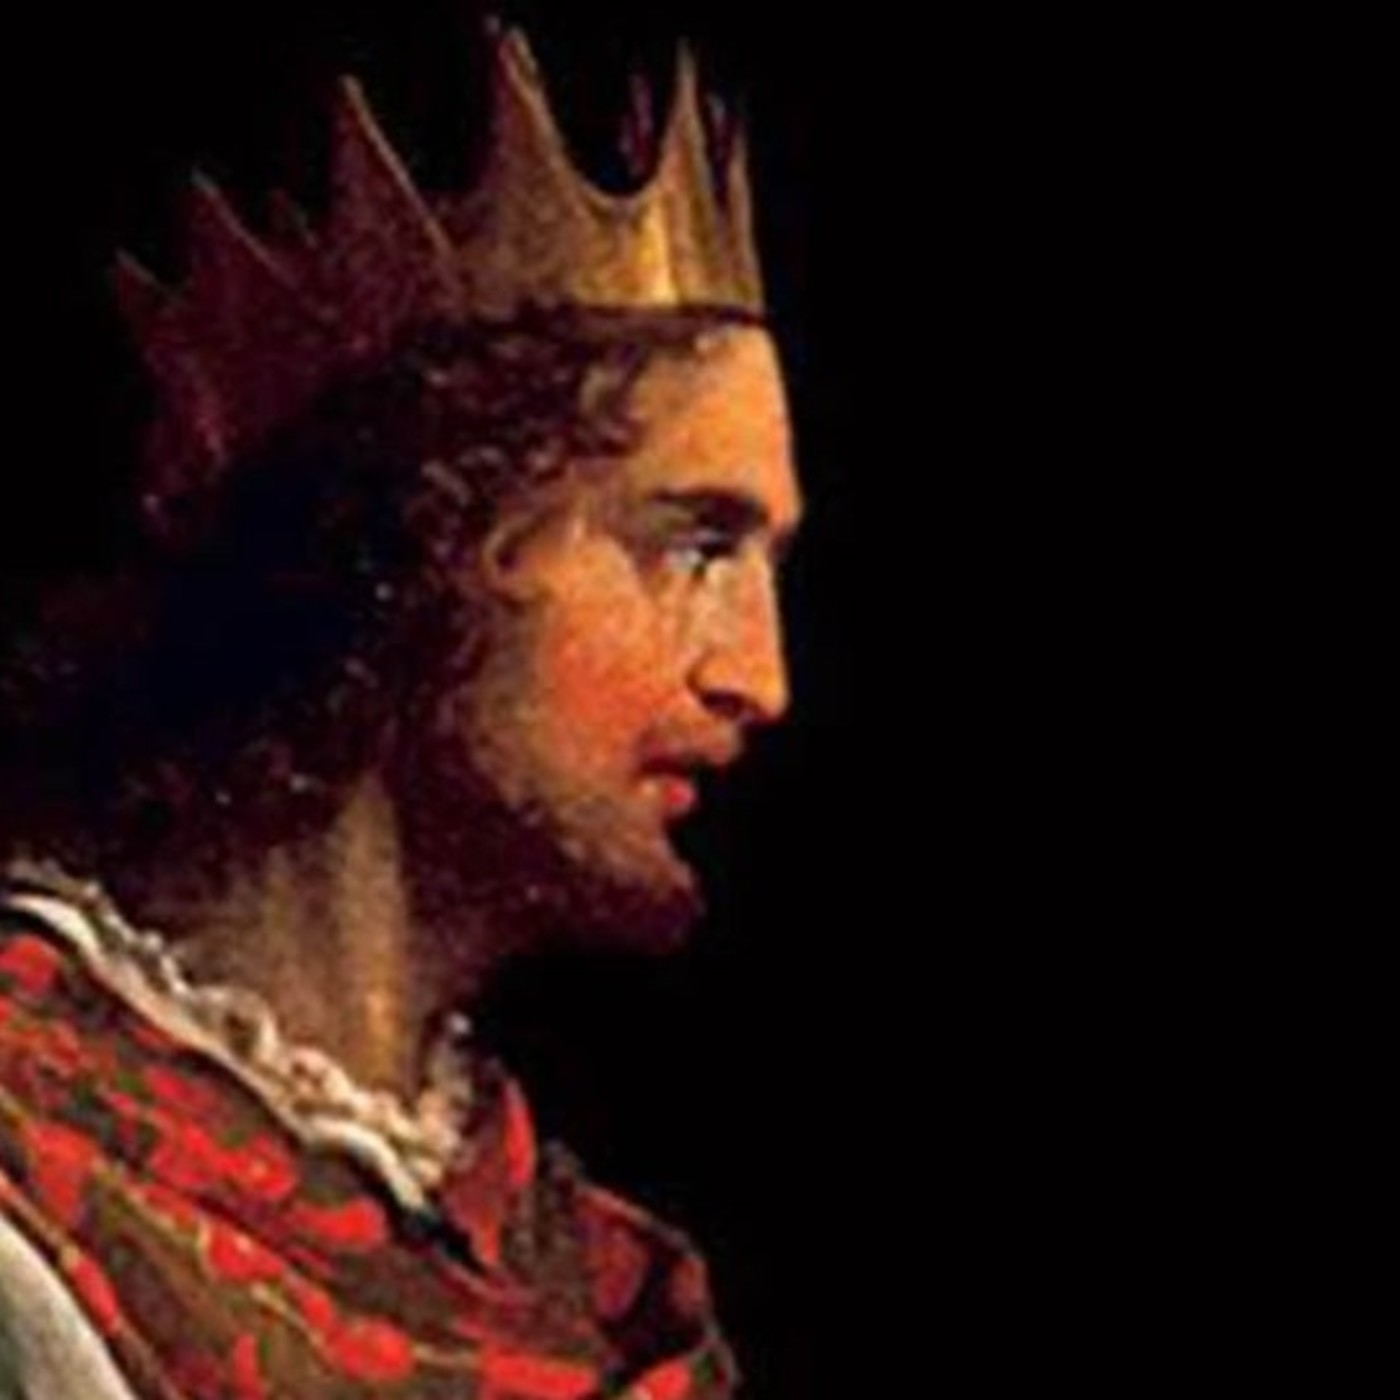 La Historia: El Rey que lo tenía todo: Cuando caemos lentamente